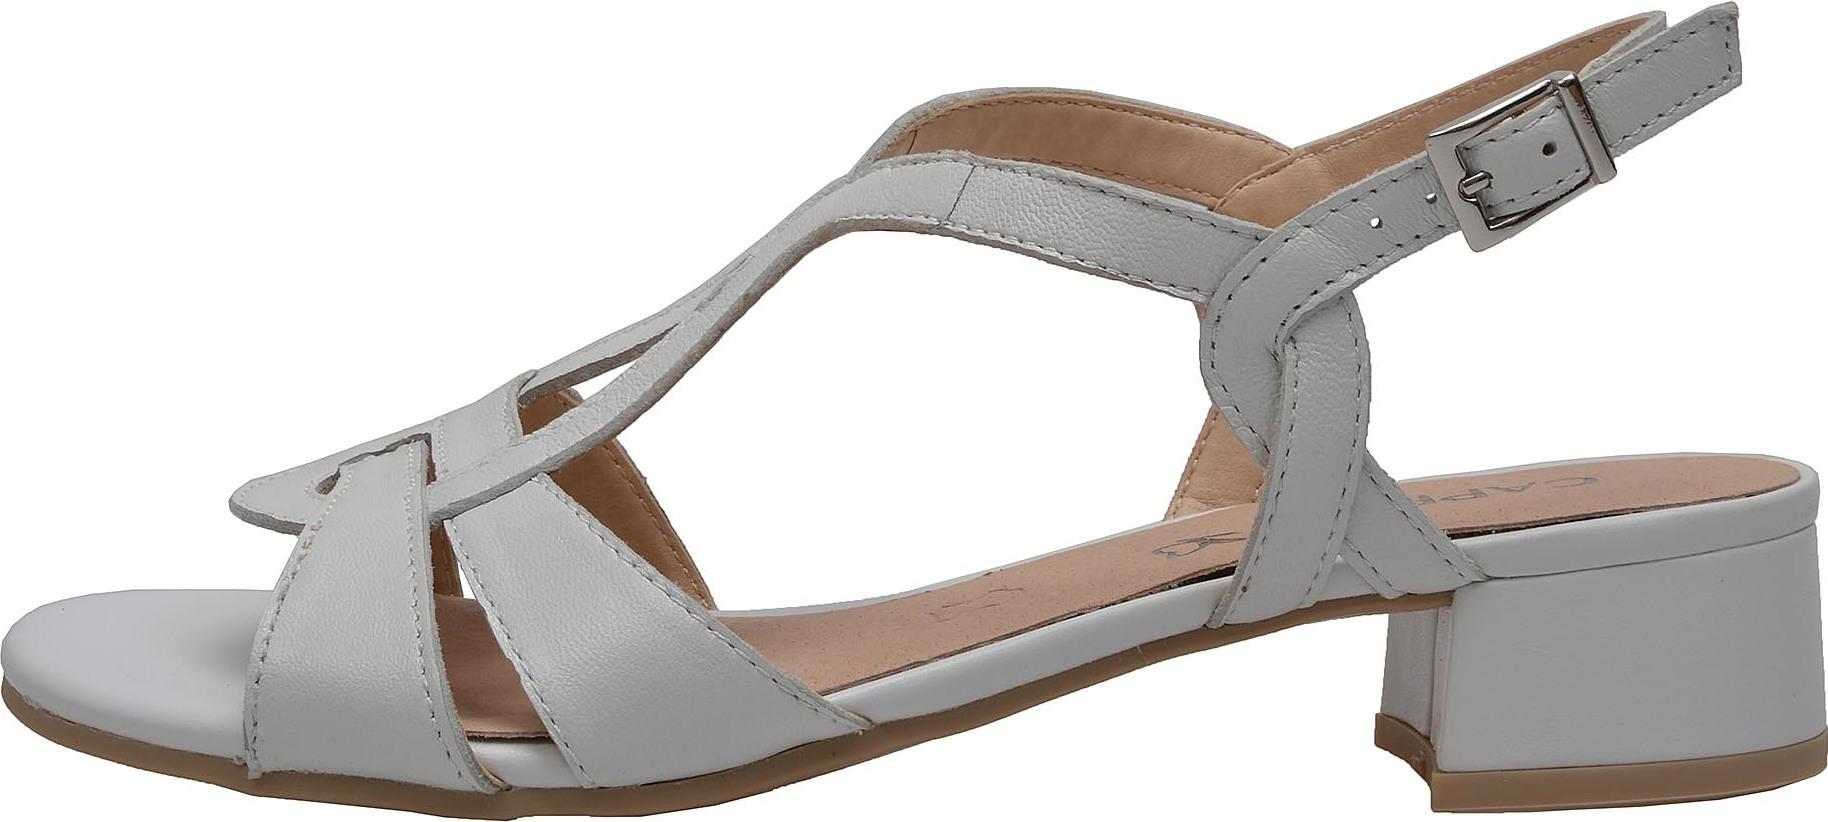 Dámská obuv CAPRICE 9-9-28201-20 WHITE PERLATO 139 – BOTY RIEKER 785aca0ccb6